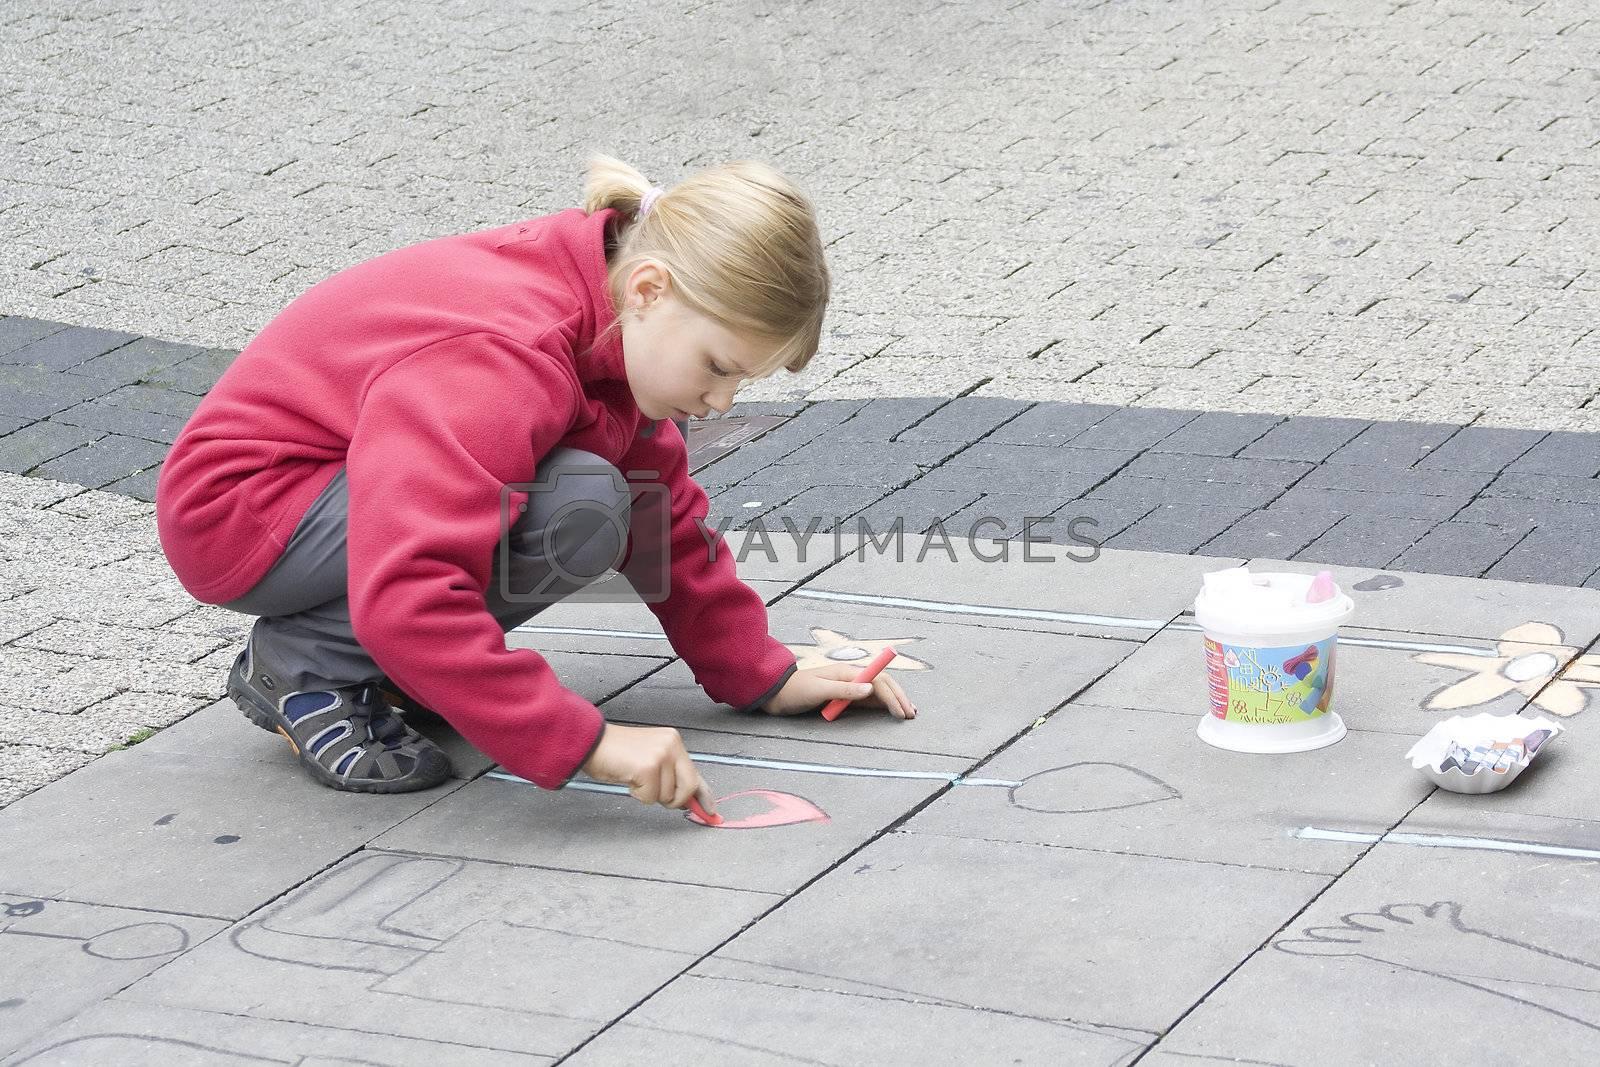 street painting in Geldern, Germany, 28th August, 2010